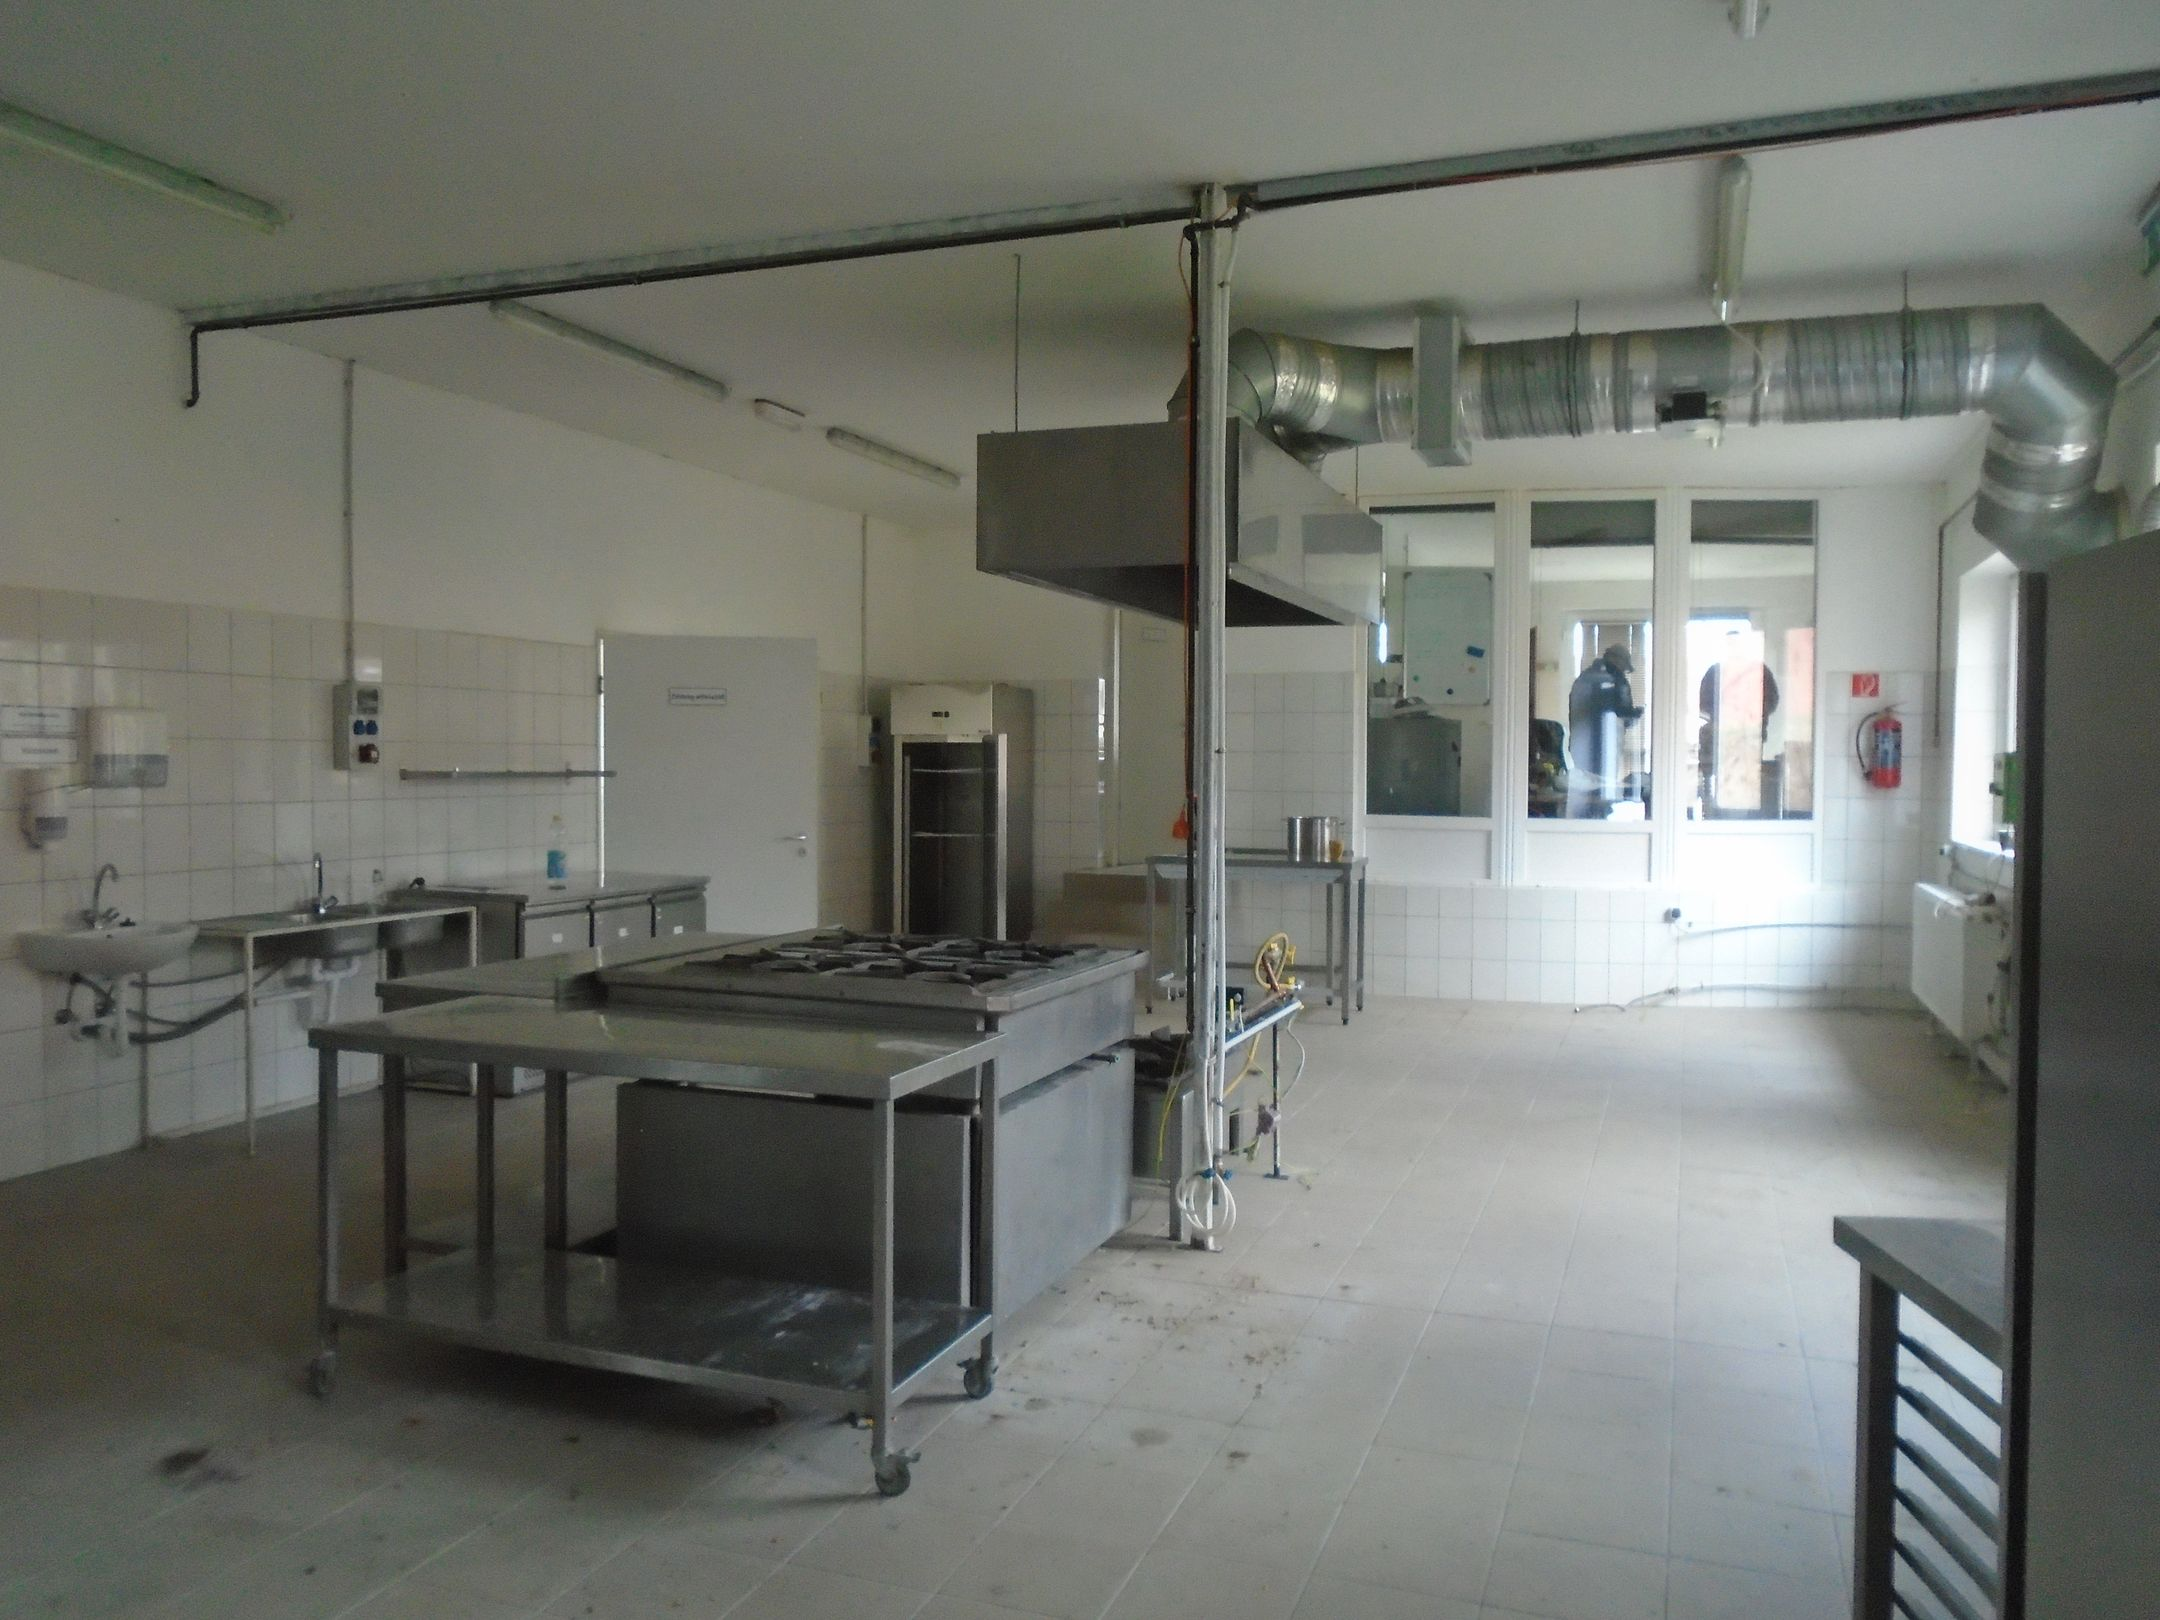 Teljesen felújított vendéglátóipari egység (kifőzde-konyha) teljes felszereléssel,tetőtéri lakással kiadó vagy eladó!